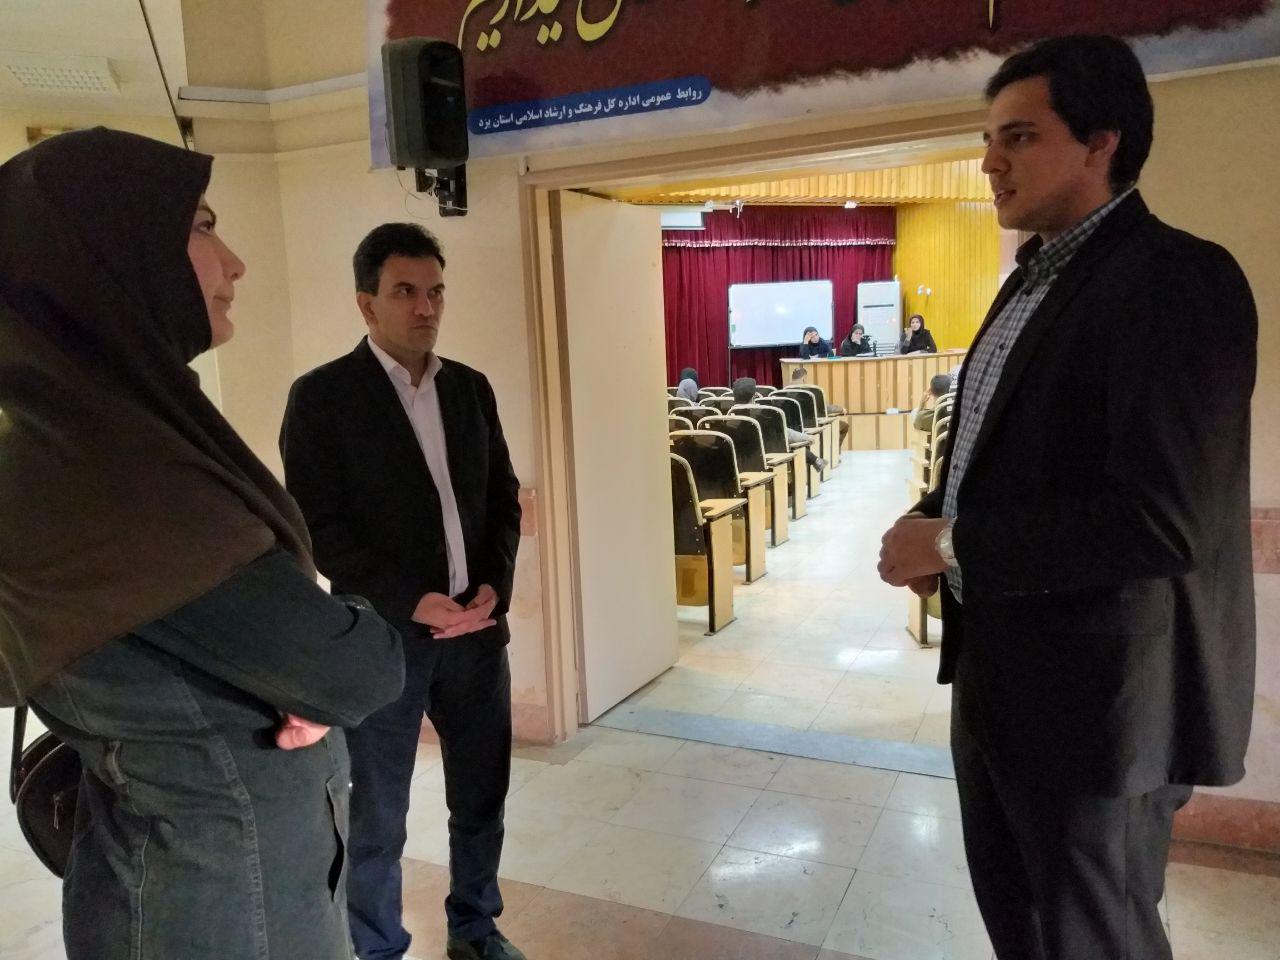 بازدید اعظم کریمی از مرکز کسب و کار یزد